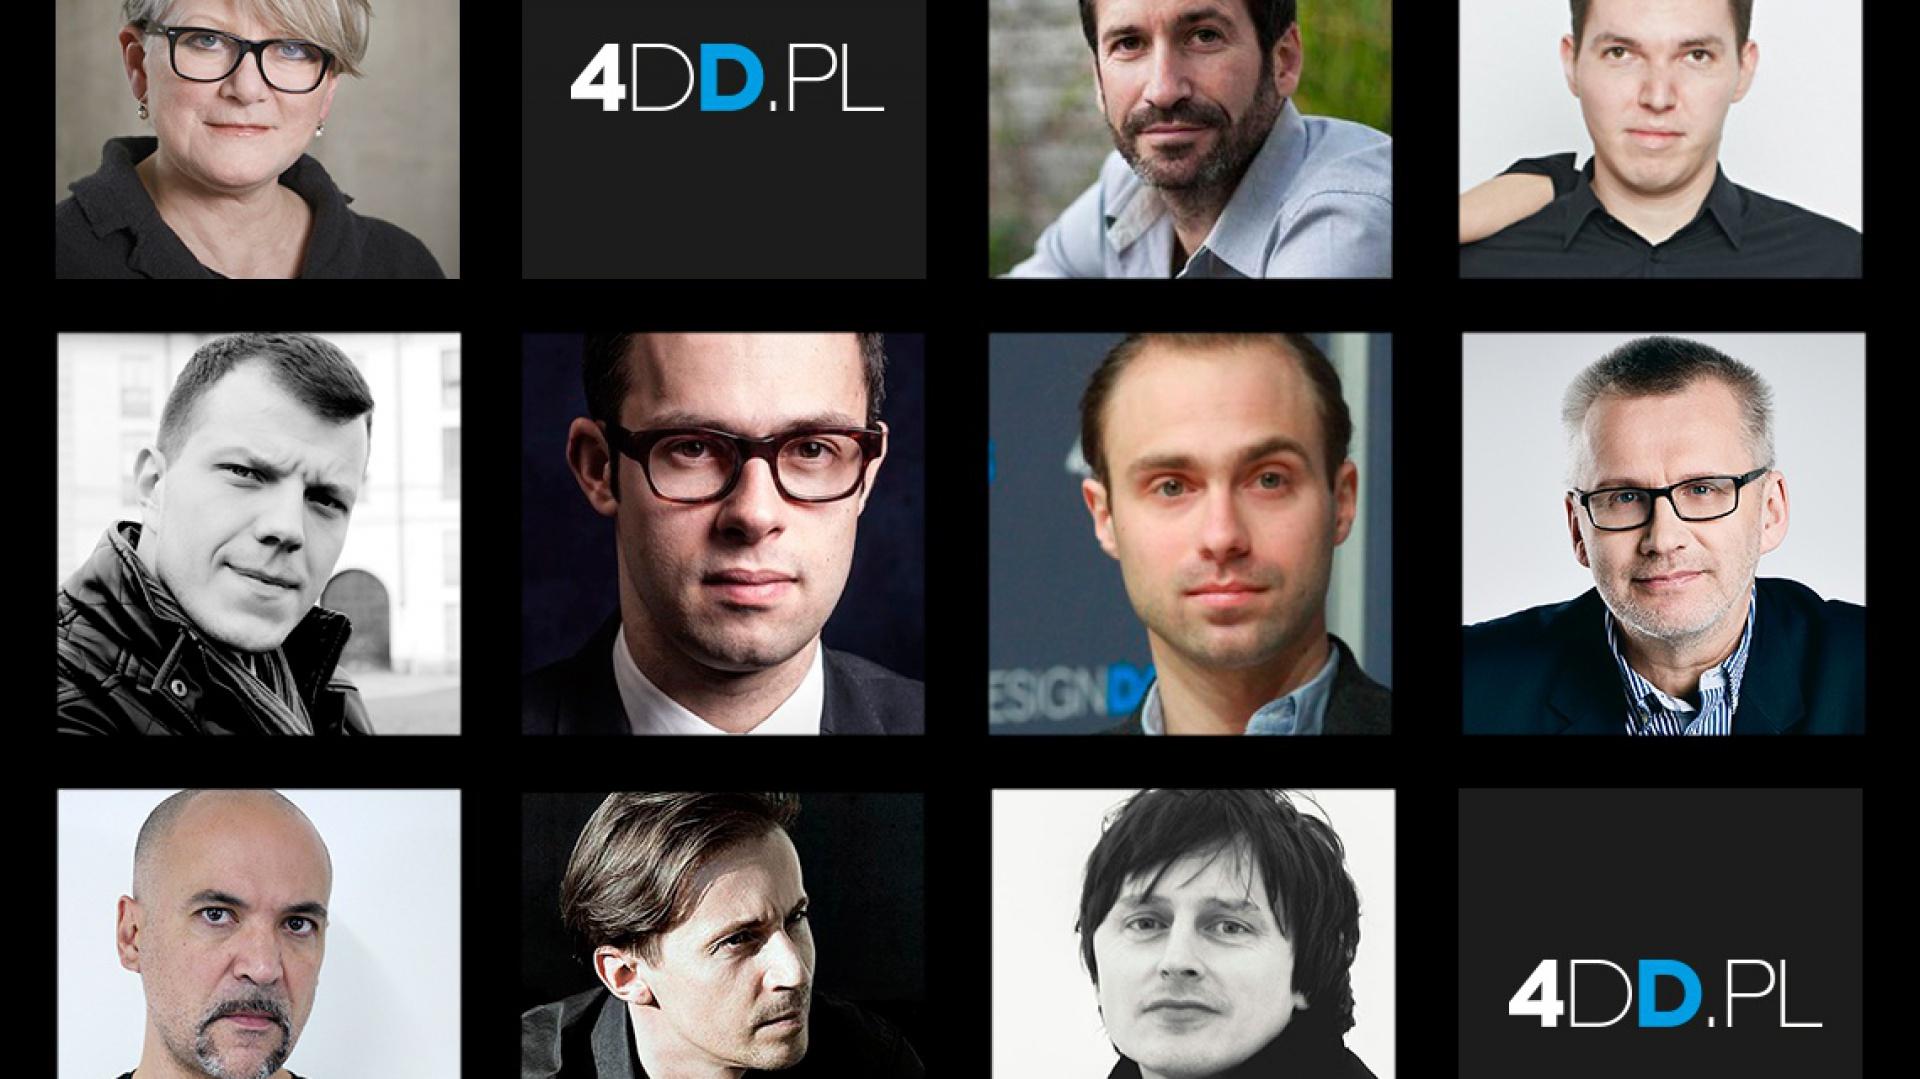 Fot. Propertydesign.pl